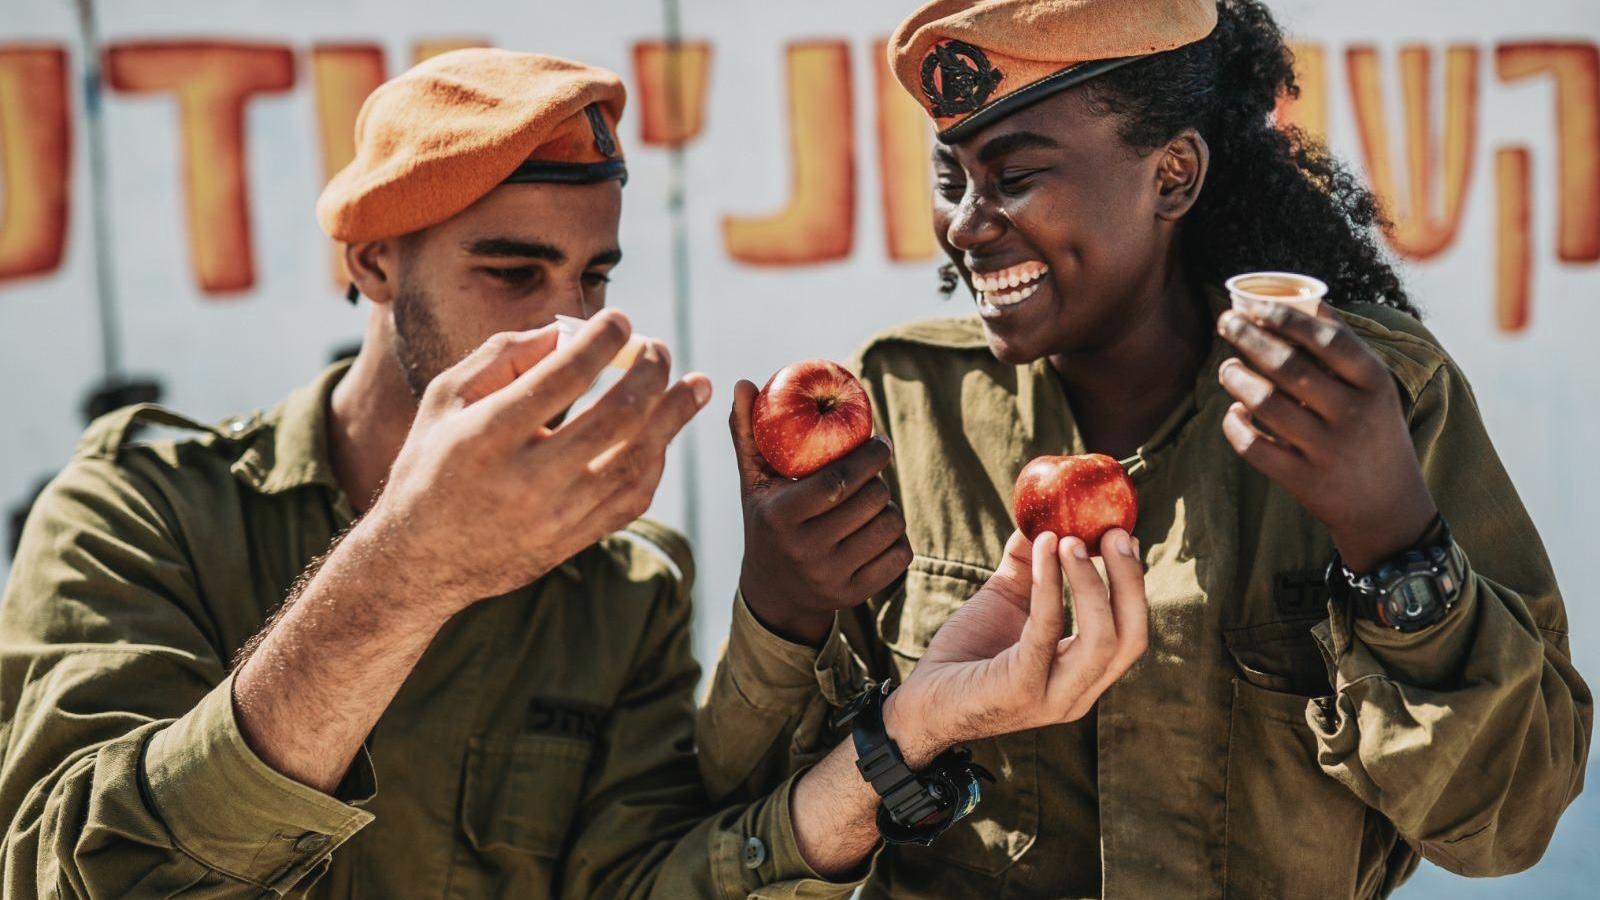 הושלמו ההכנות בצה״ל לקראת חגי תשרי – 7.2 טונות דבש יחולקו לחיילים